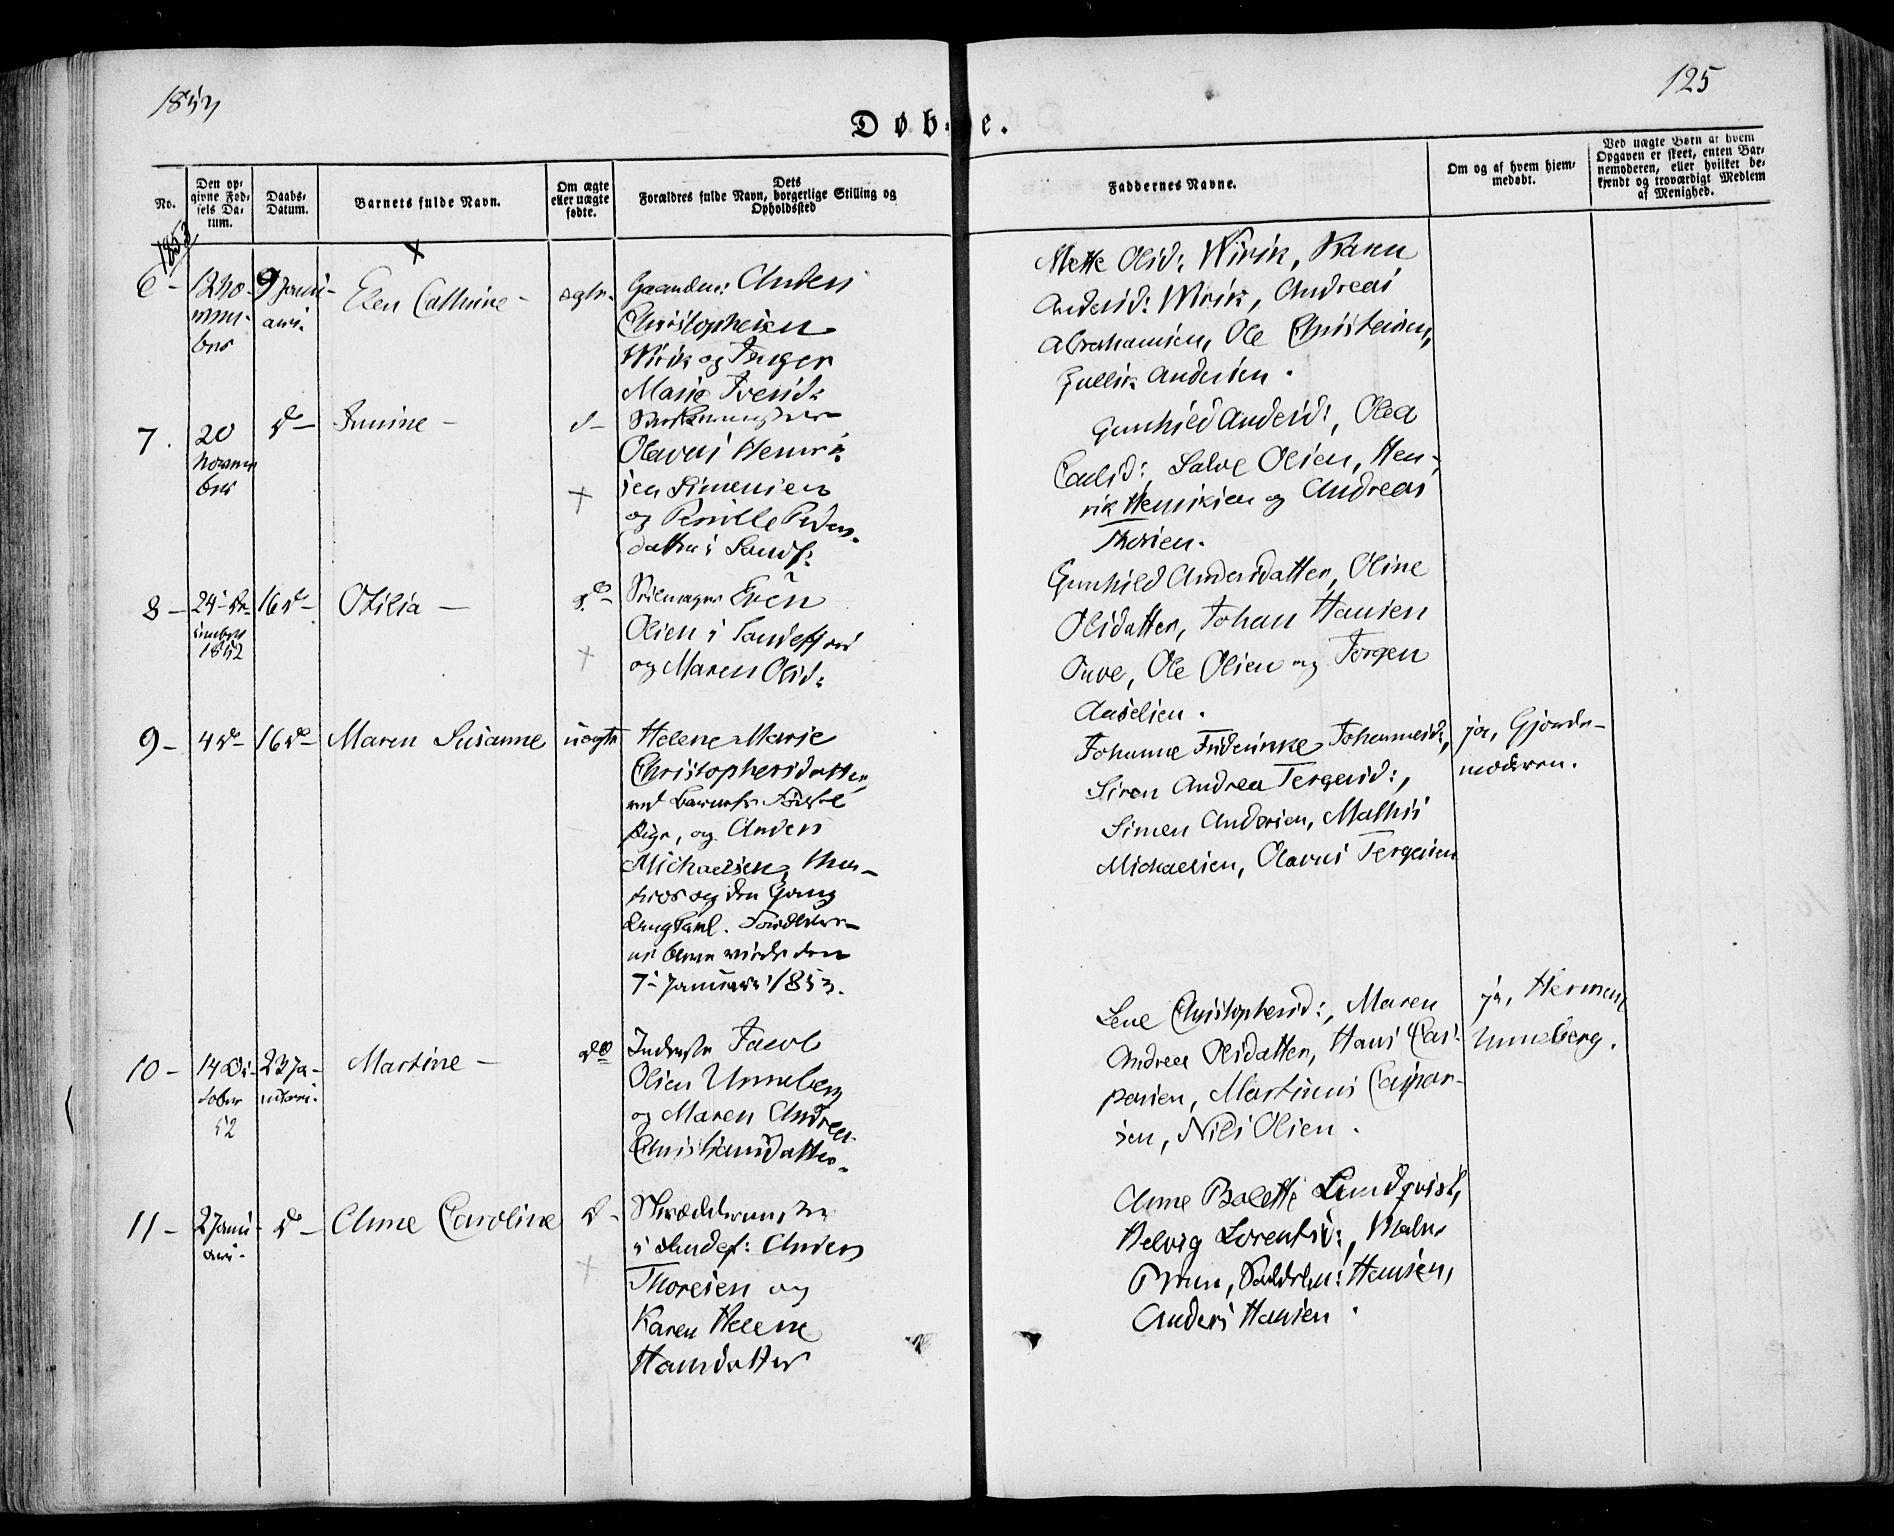 SAKO, Sandar kirkebøker, F/Fa/L0006: Ministerialbok nr. 6, 1847-1860, s. 125